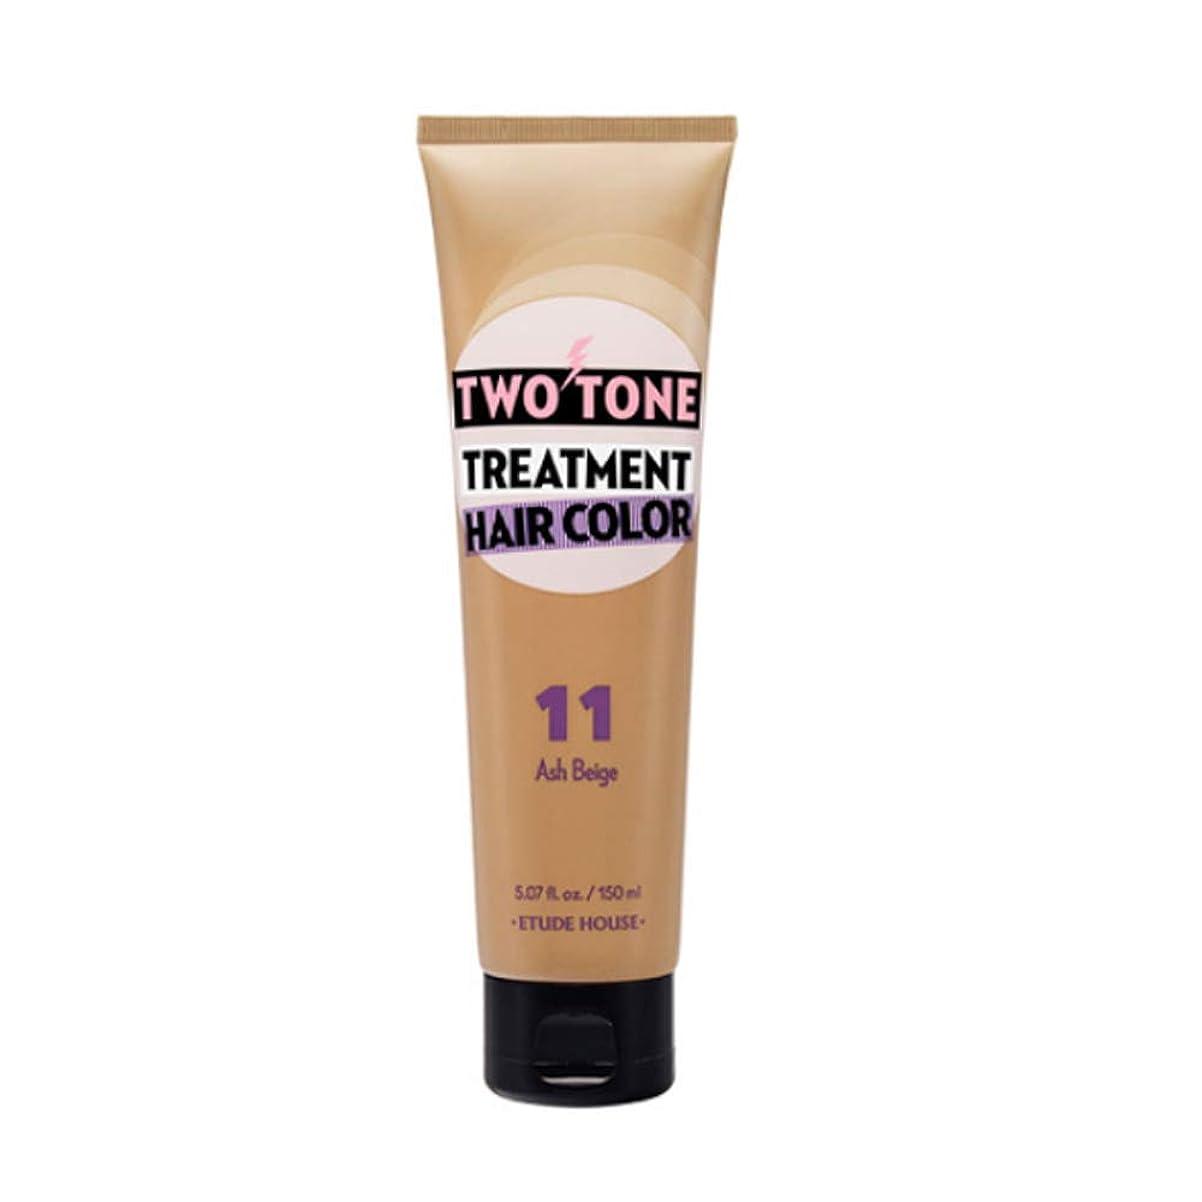 シーズン幹名誉あるETUDE HOUSE Two Tone Treatment Hair Color (#11 Ash Beige) エチュードハウス ツートントリートメントヘアカラー150ml (#11 アッシュベージュ)